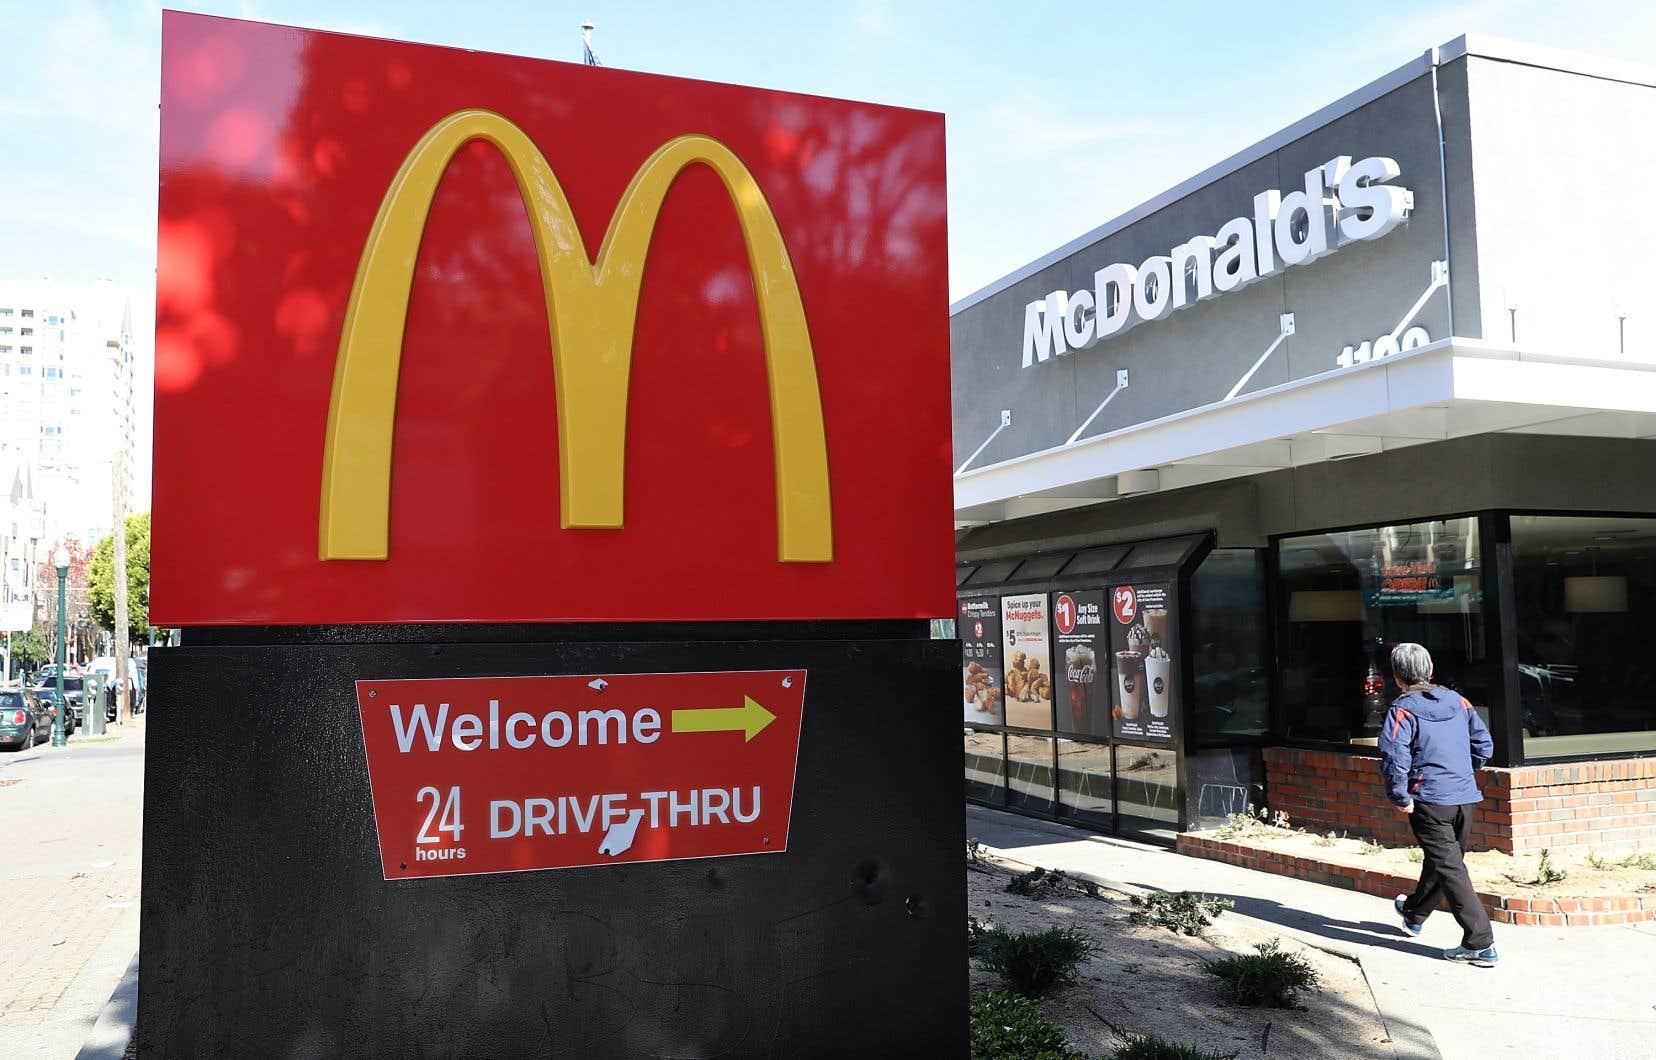 Les menus à bas prix sont devenus de plus en plus importants pour les chaînes de restauration rapide qui veulent voir leurs ventes grimper.